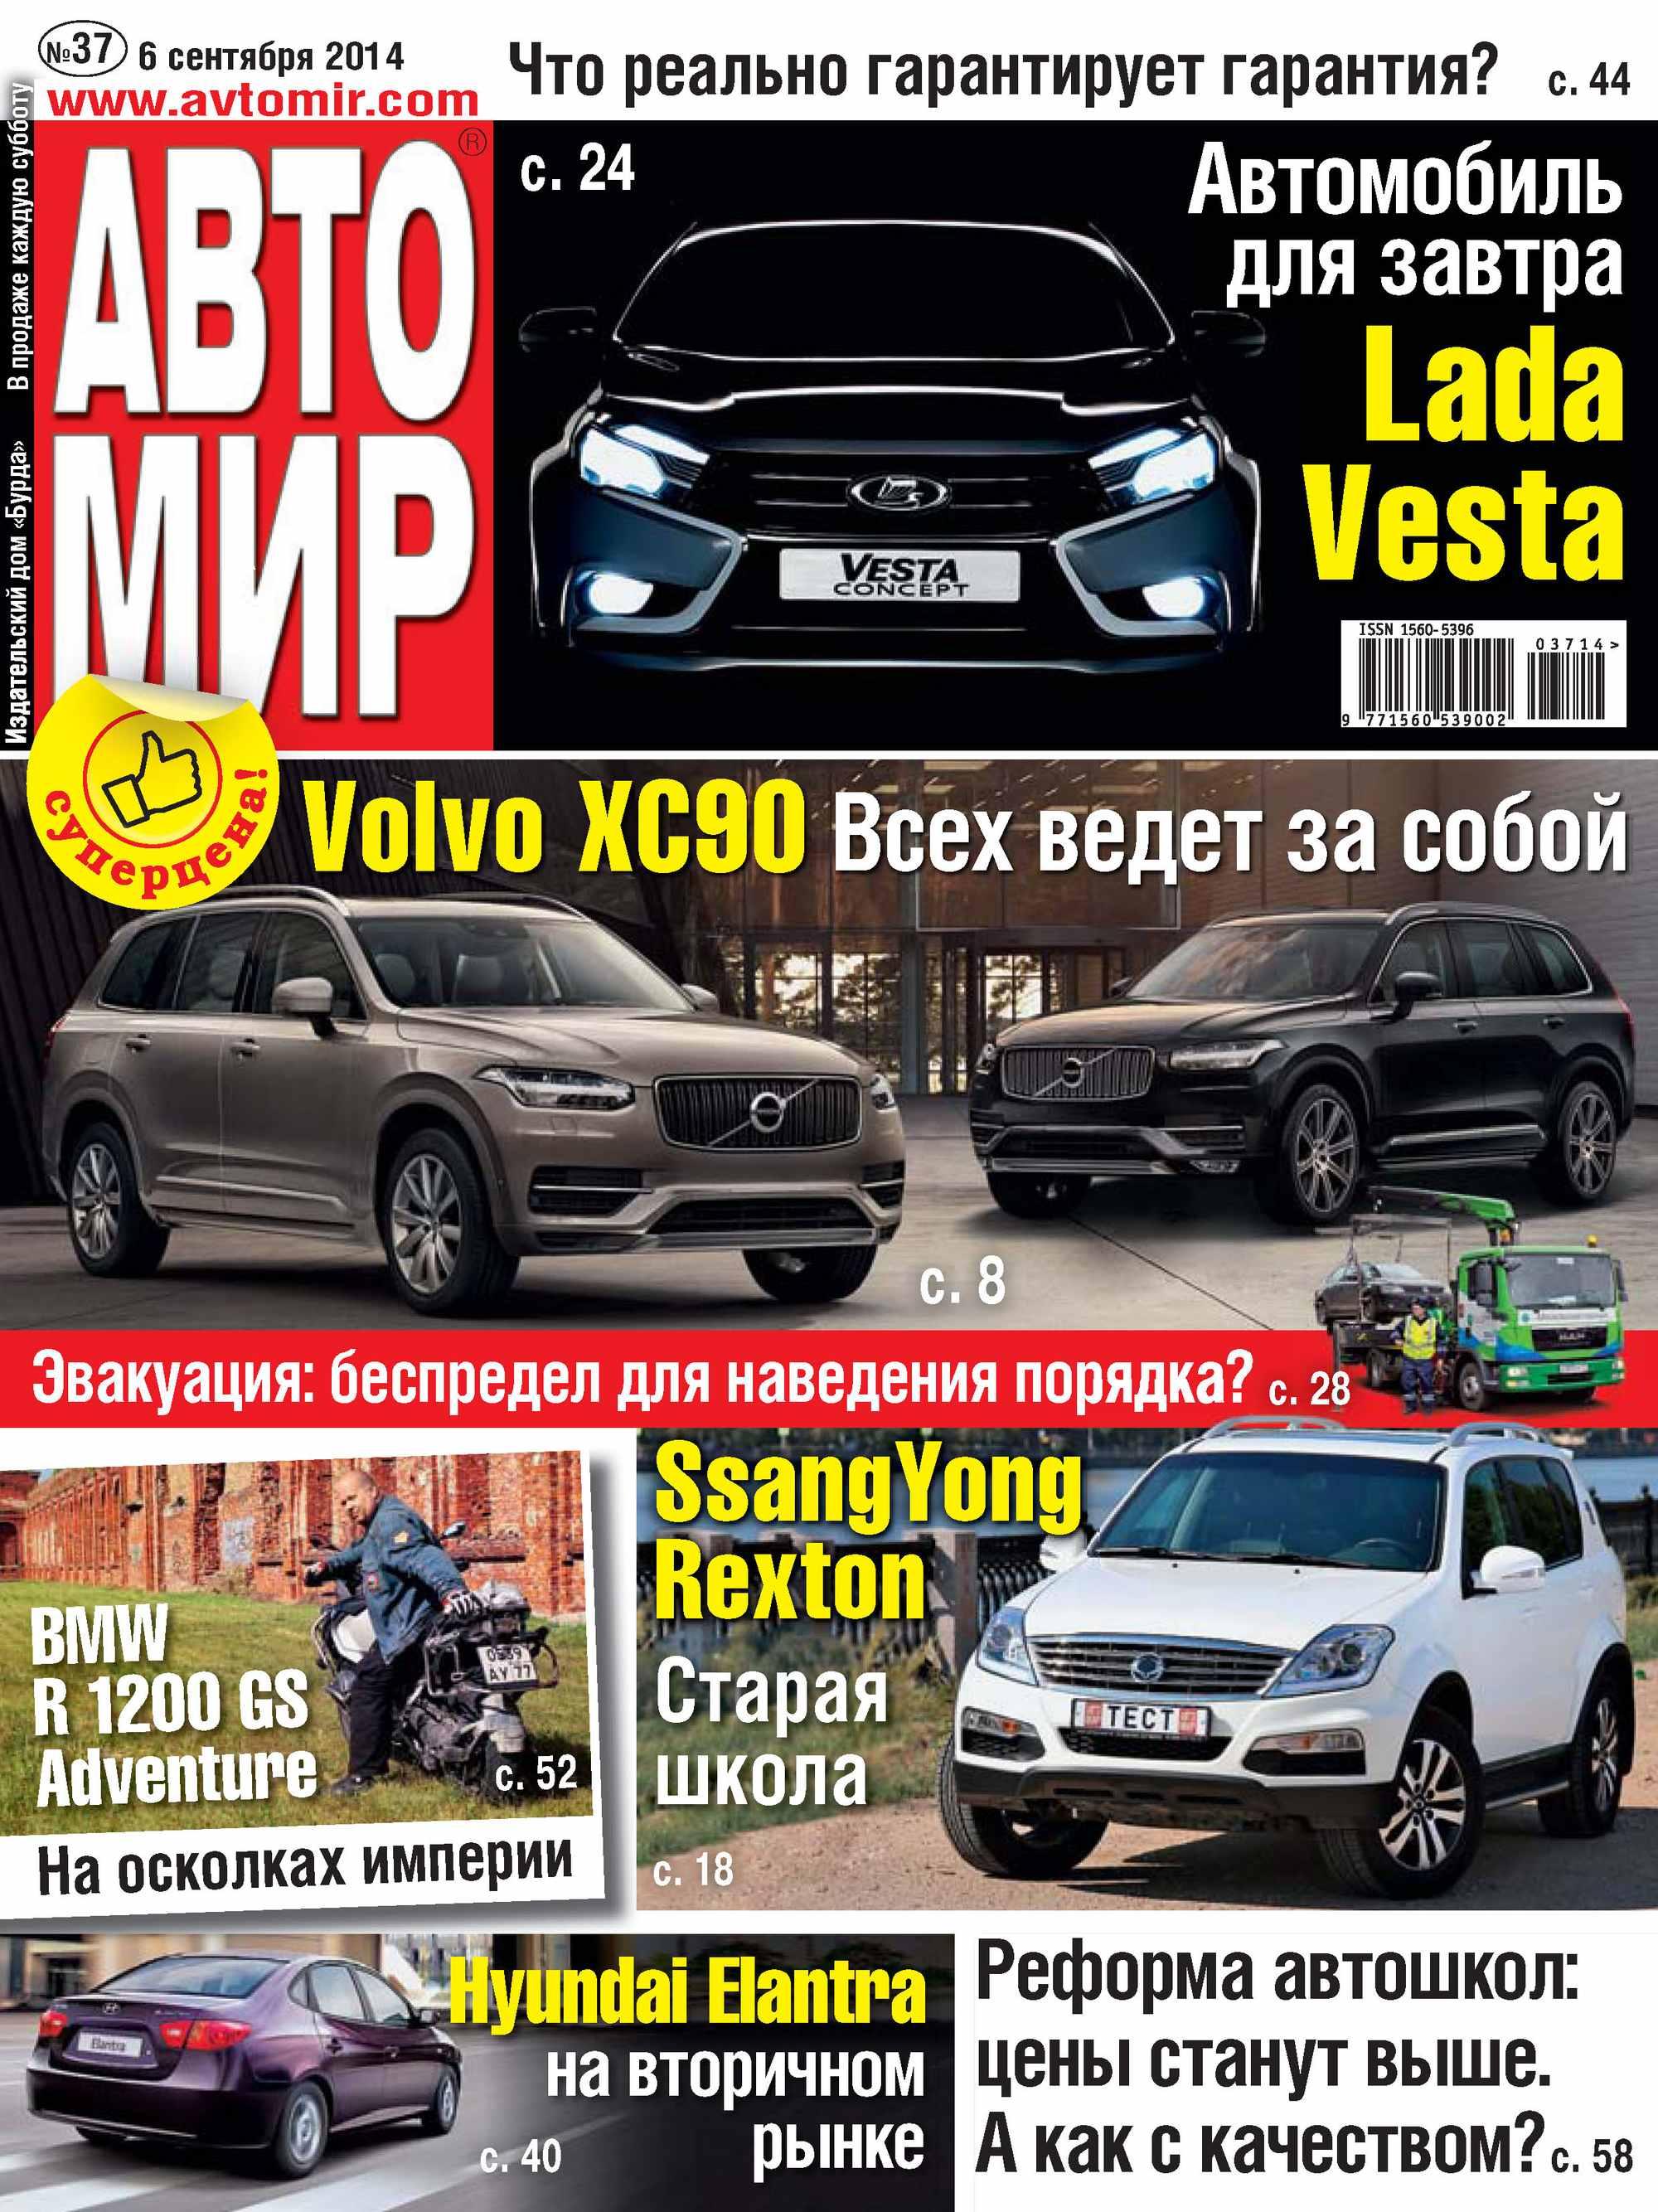 ИД «Бурда» АвтоМир №37/2014 ид бурда автомир 40 2014